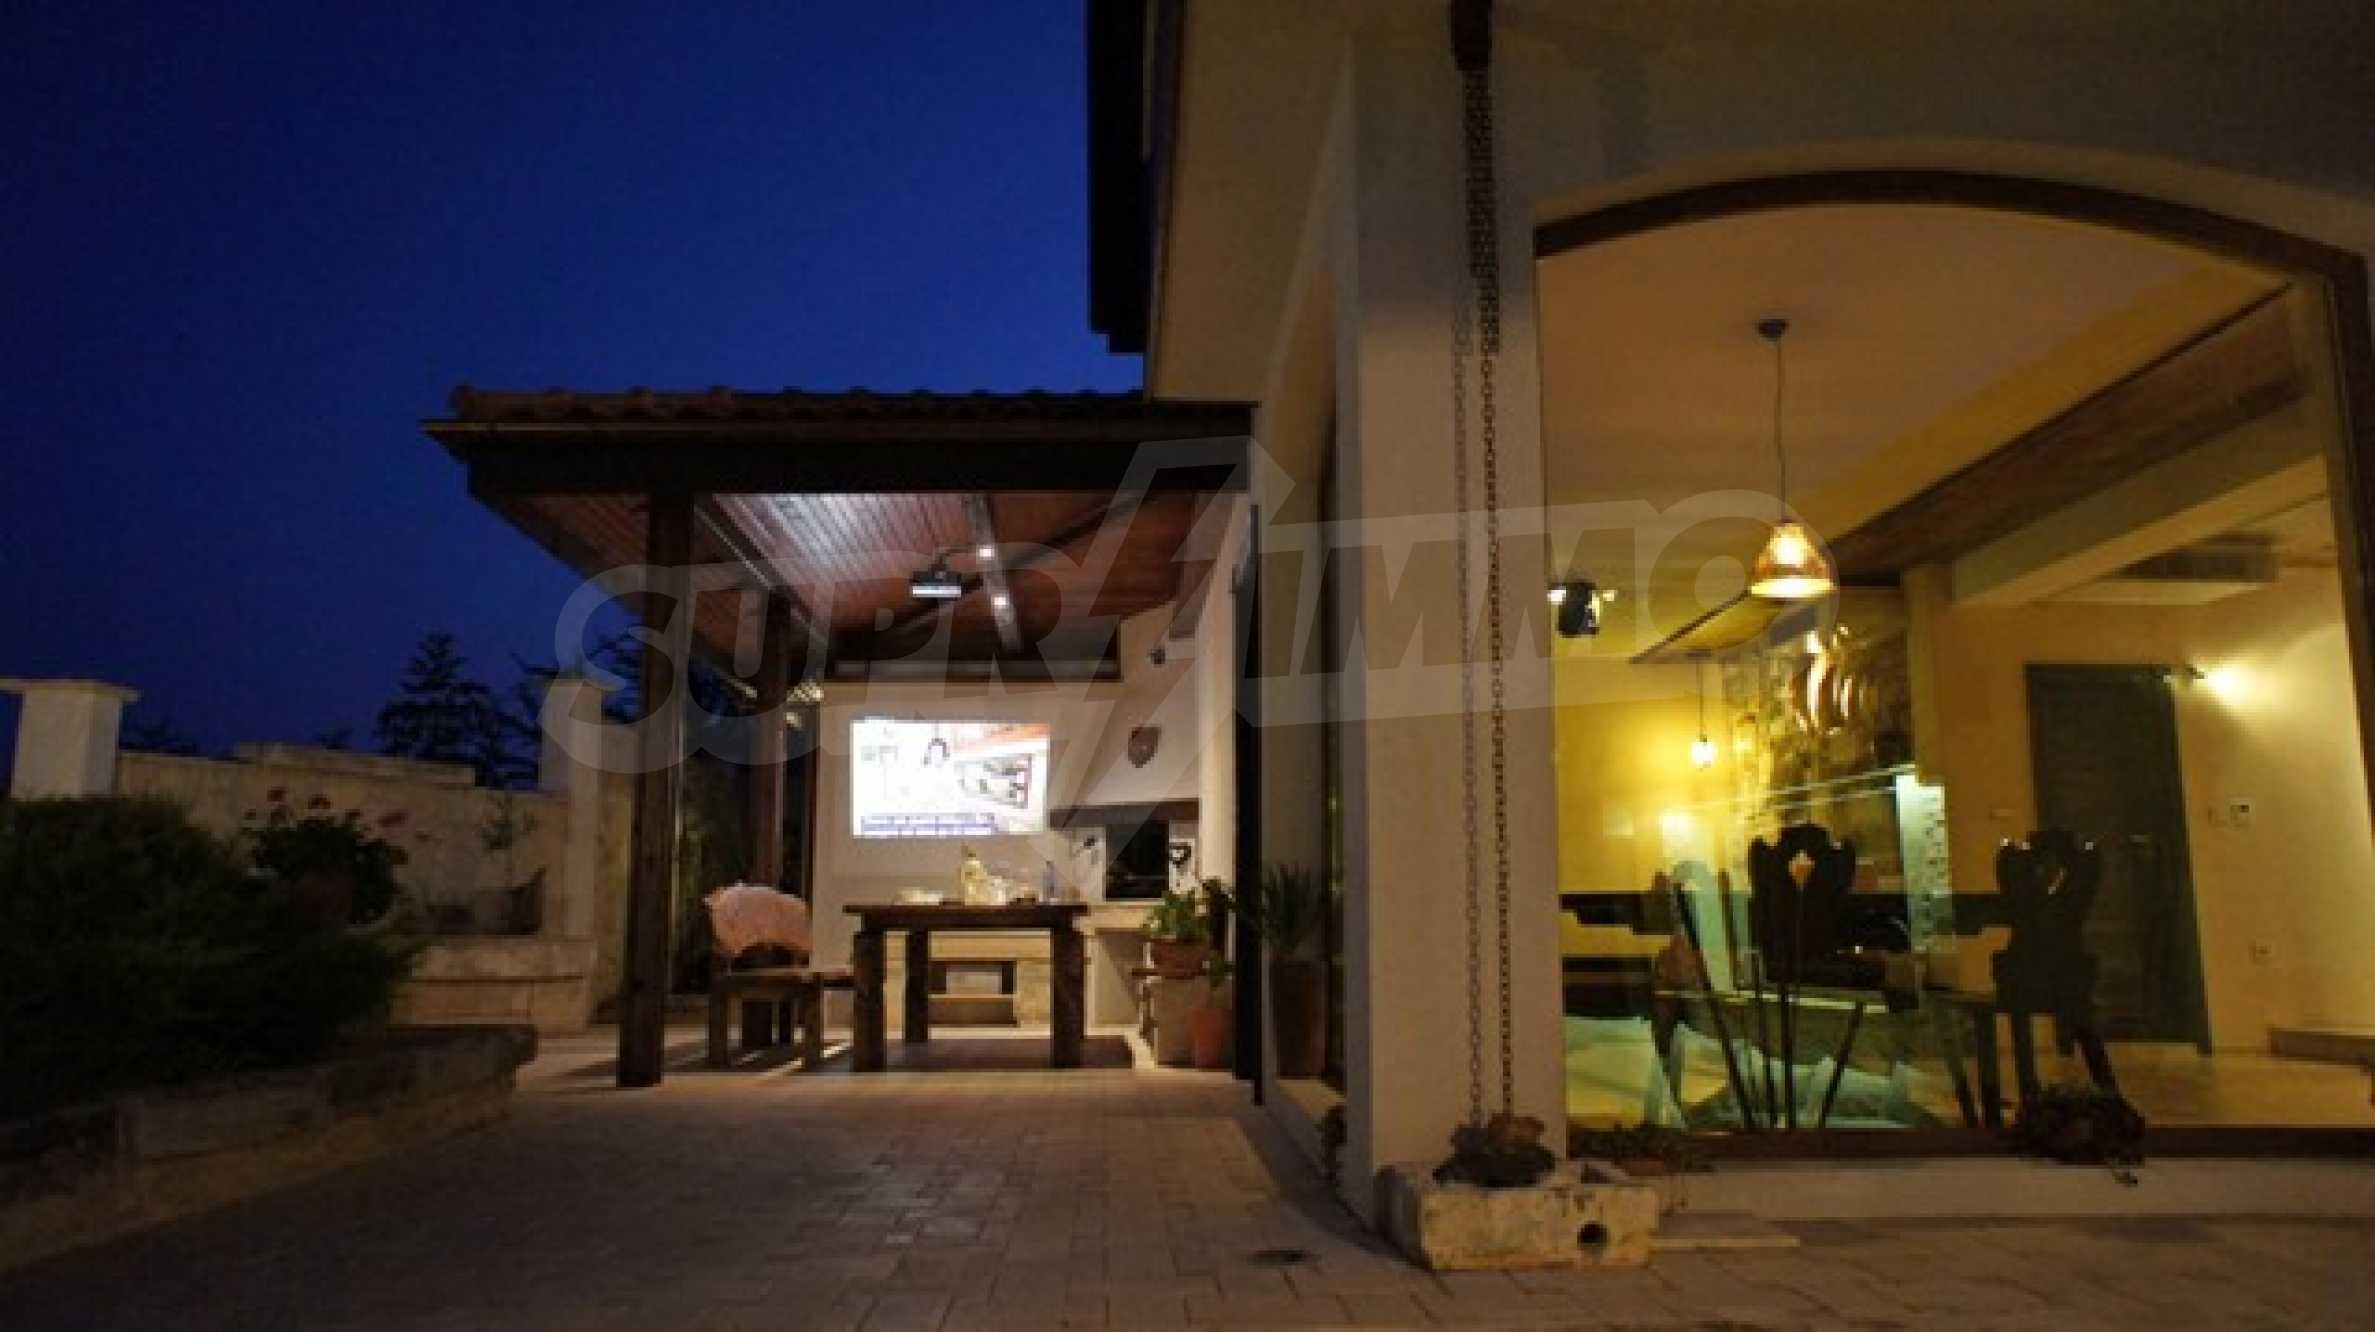 Mediterraner Stil - Luxus zum Sonderpreis 61